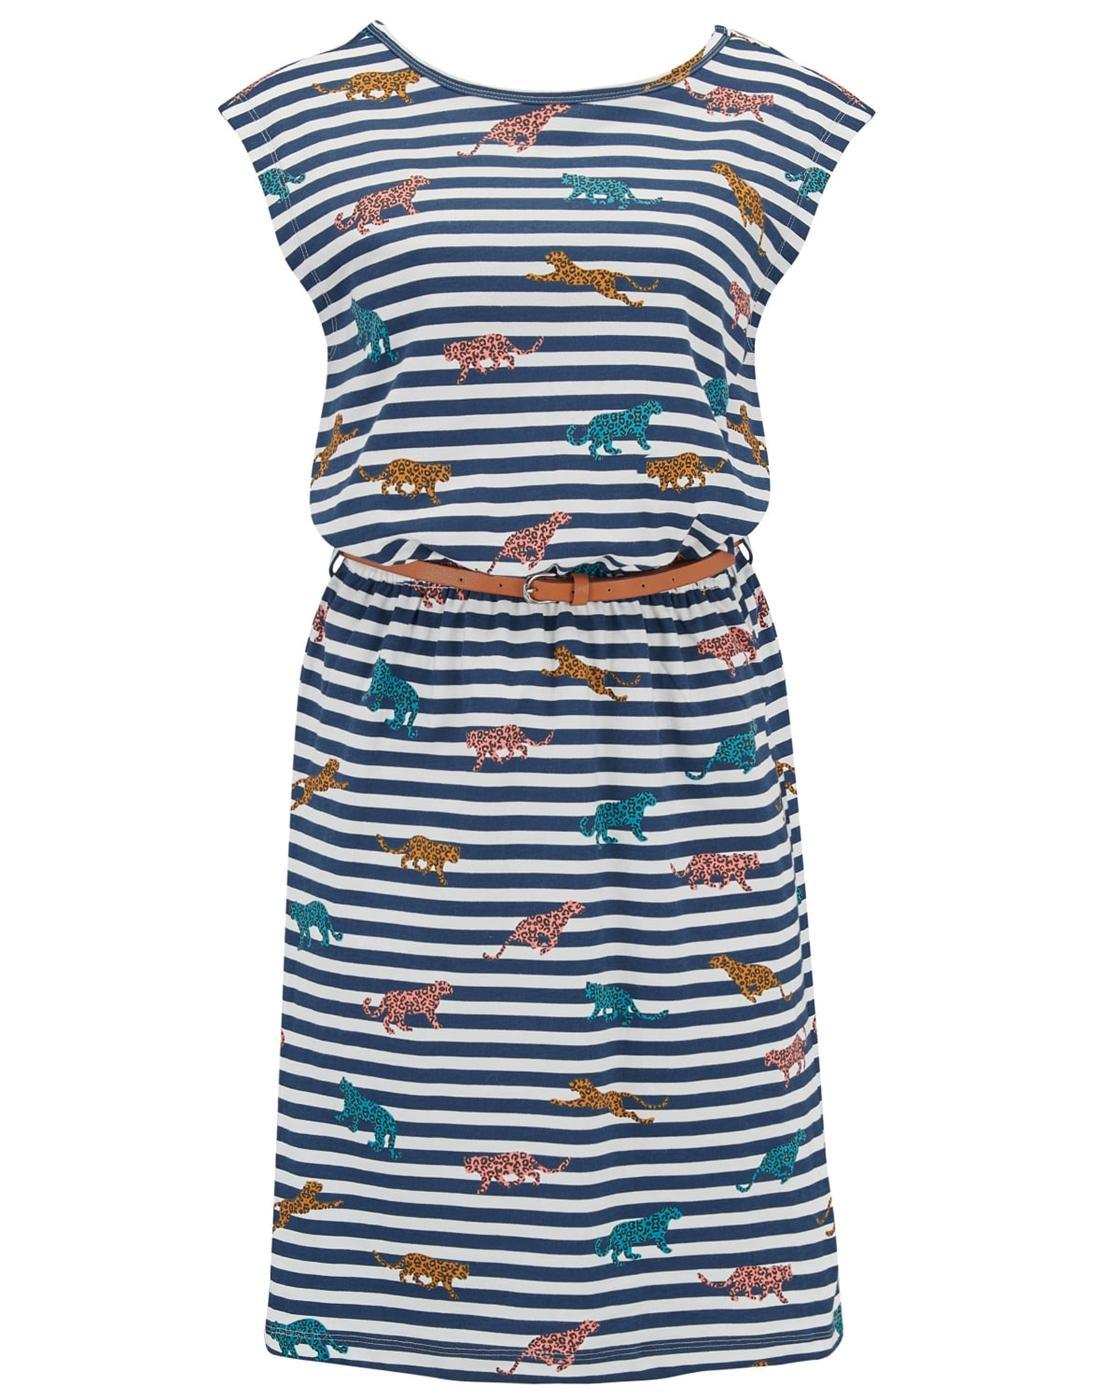 Hetty SUGARHILL BOUTIQUE Retro Leopard Print Dress